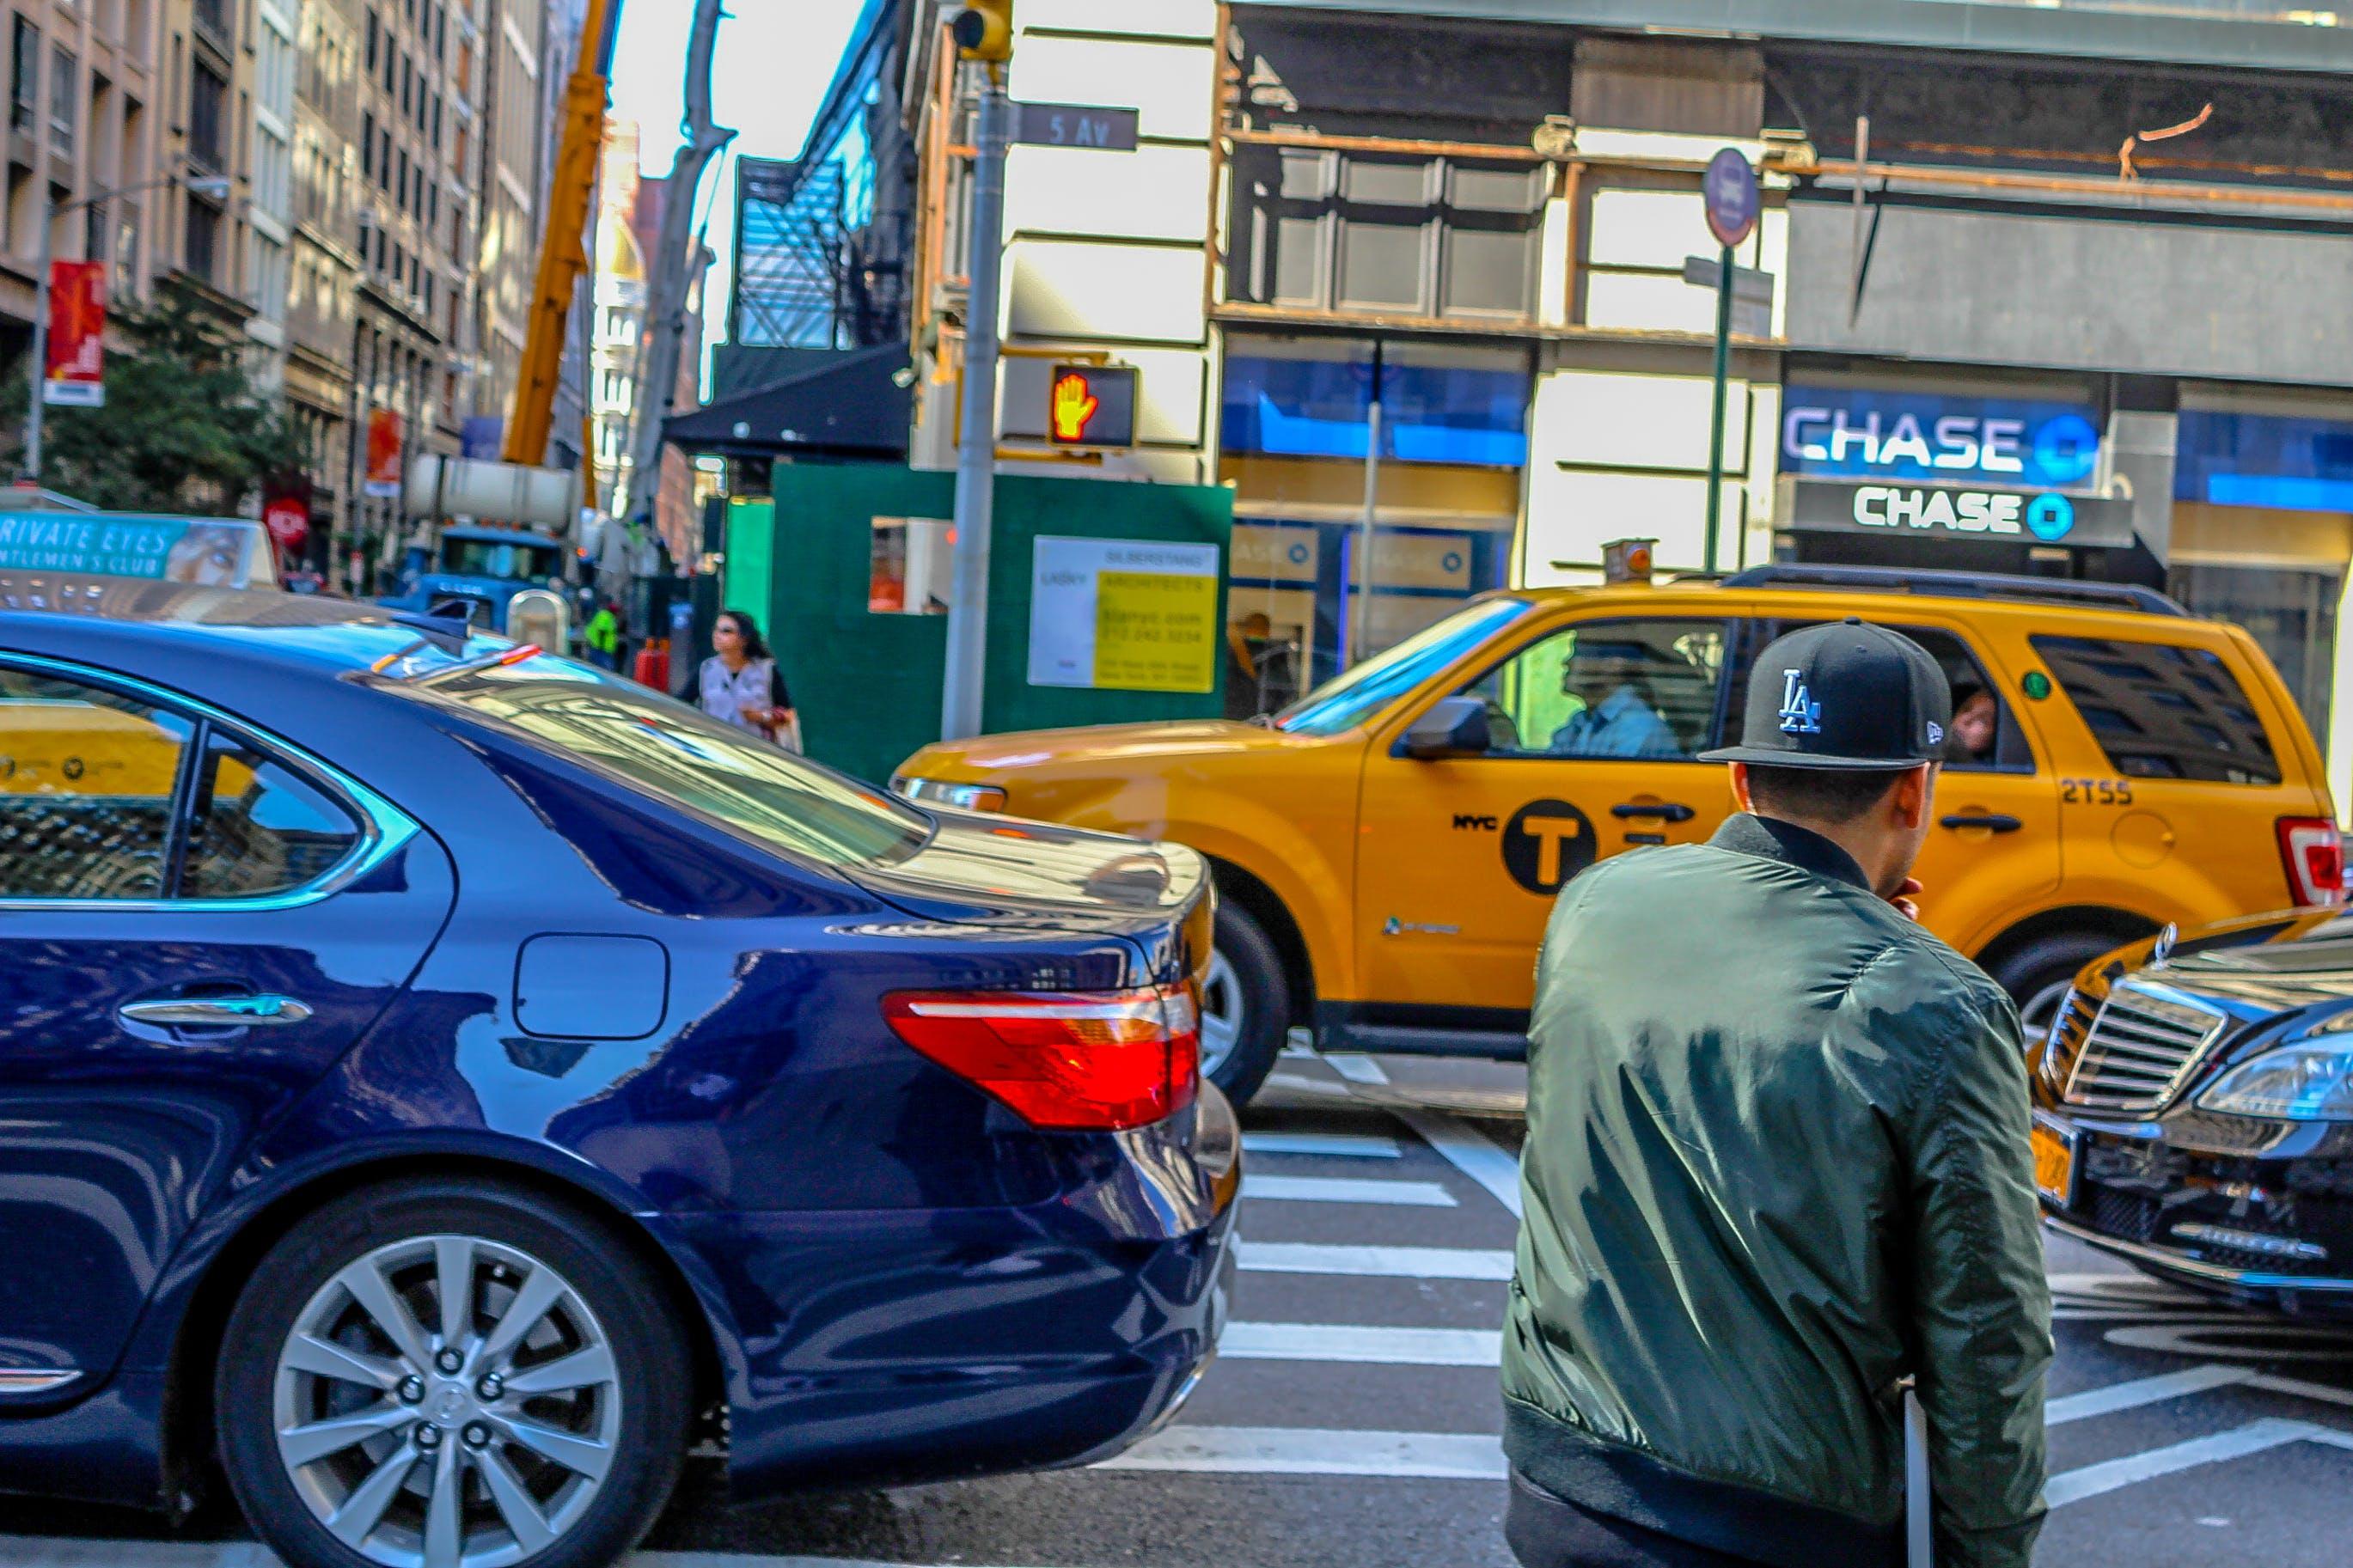 cars, city, cross-walk